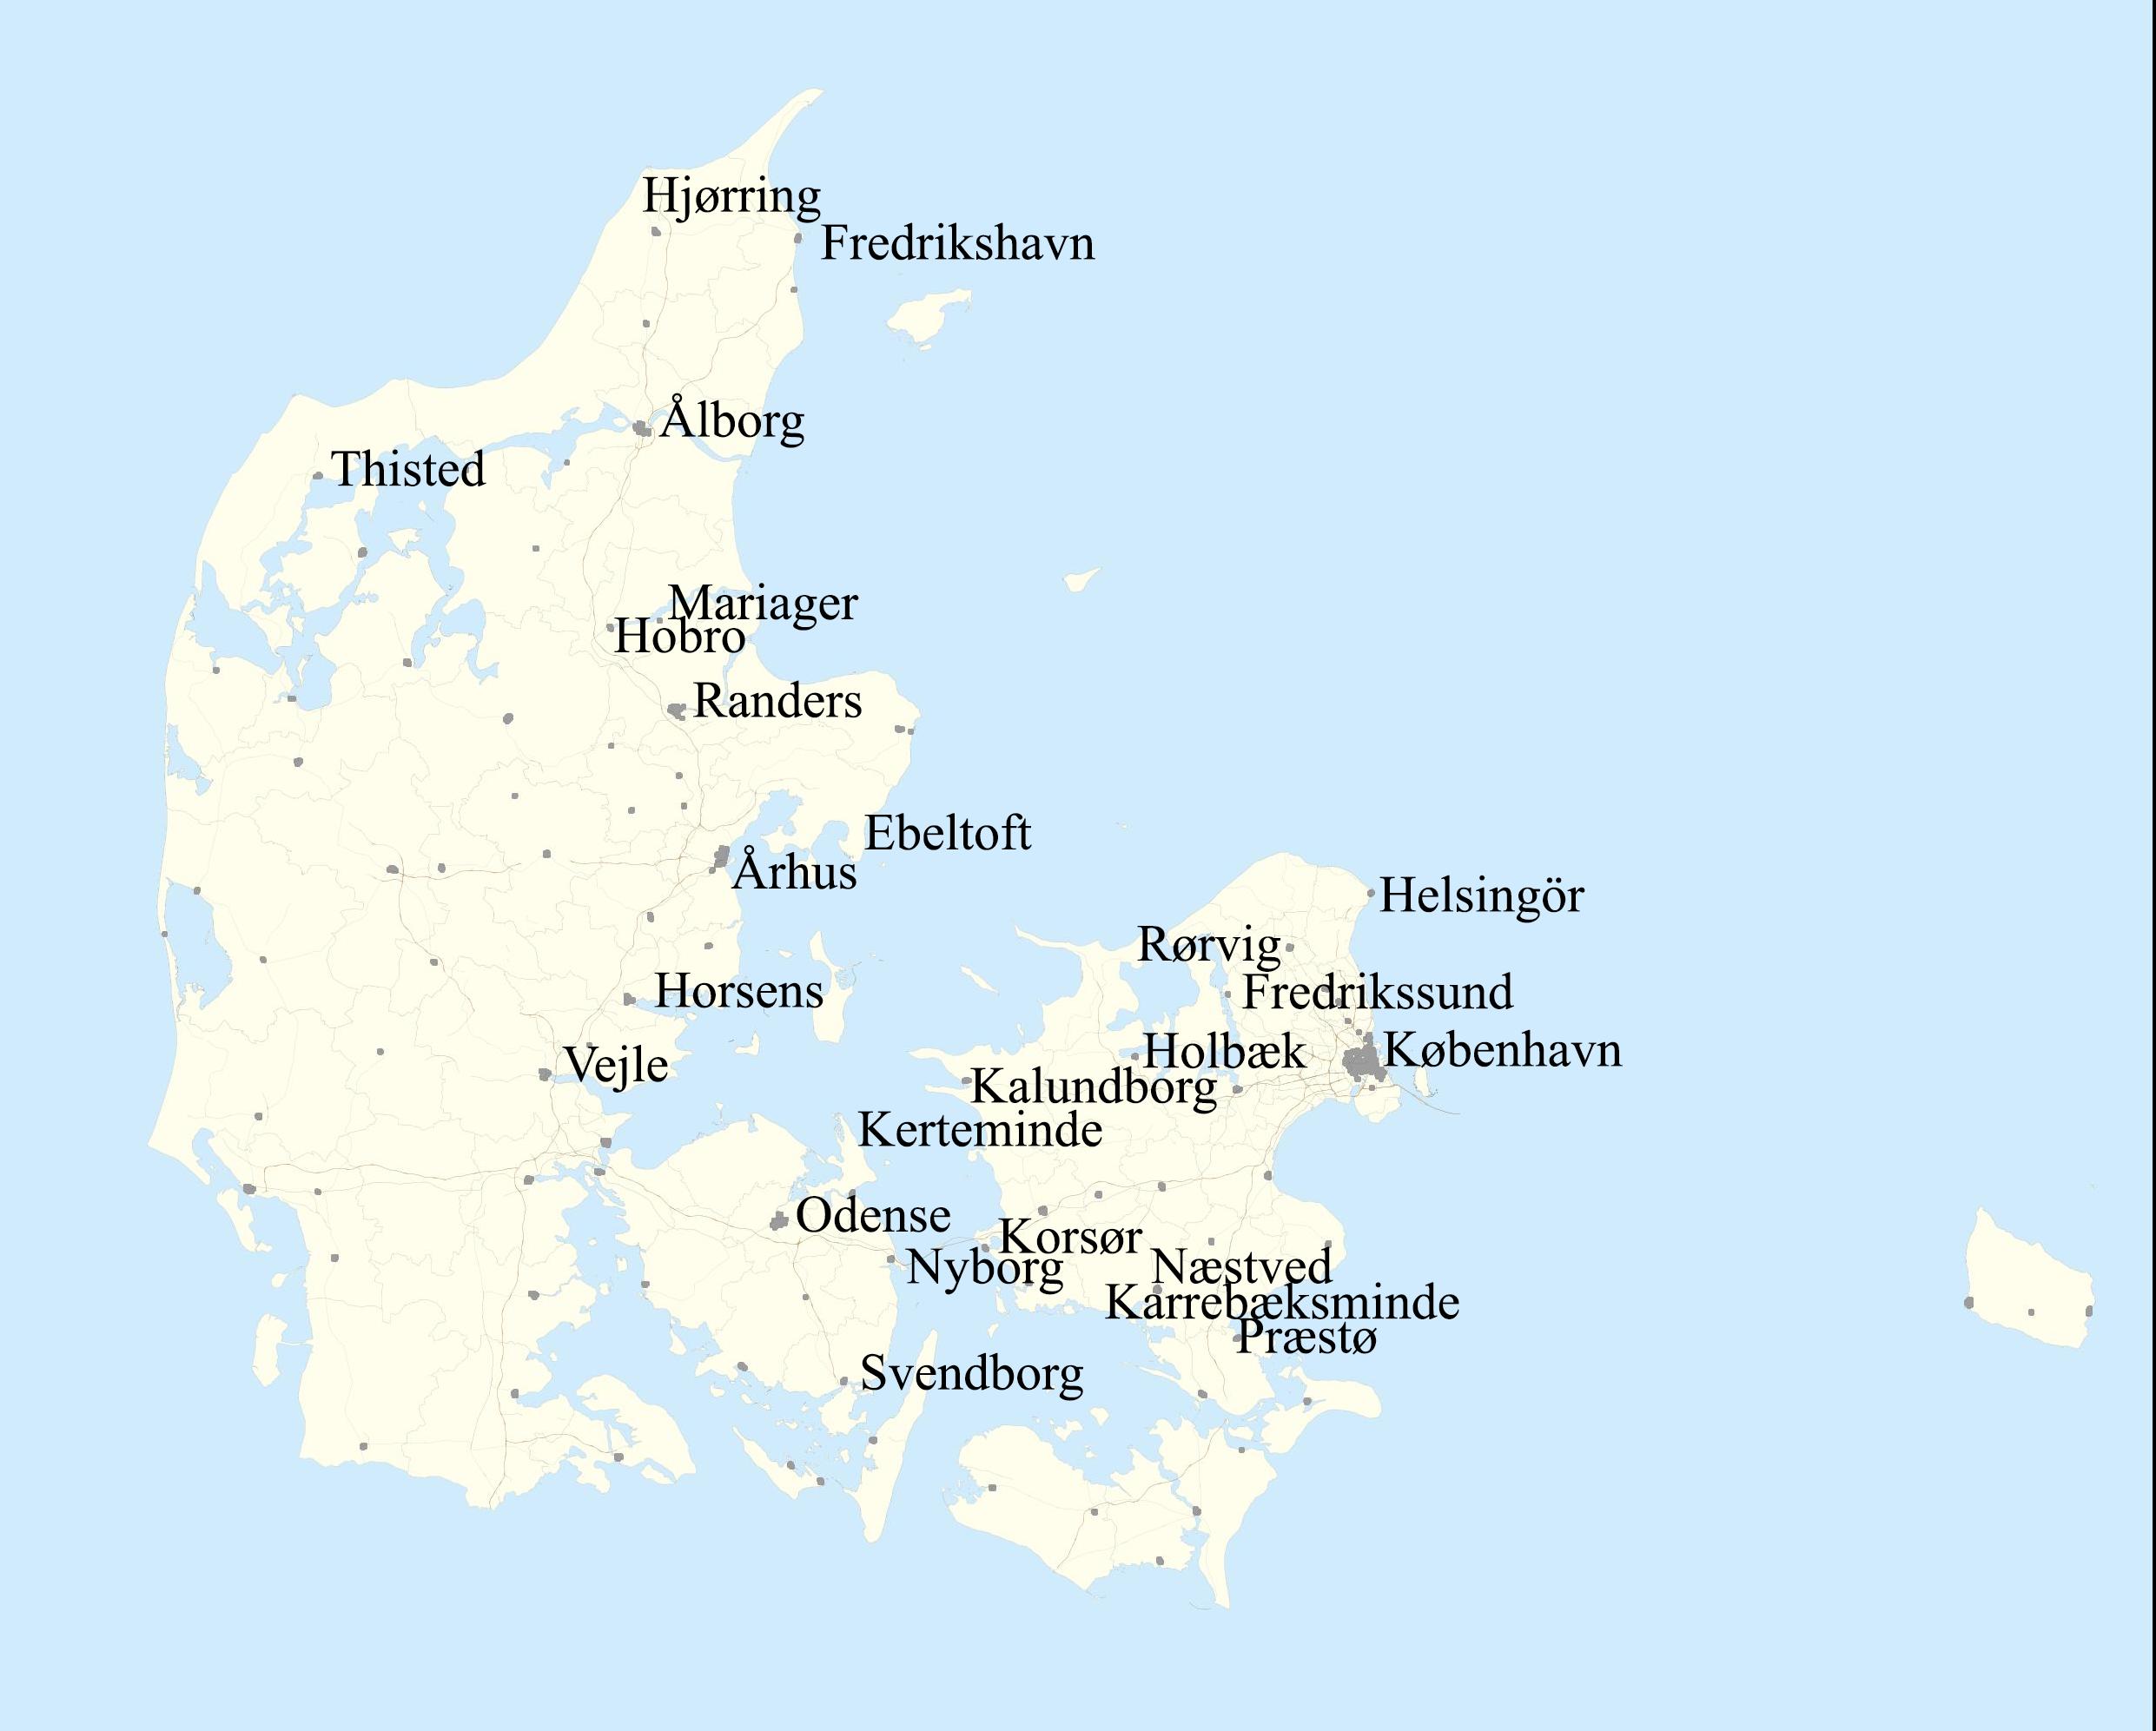 Bilde 4: Kart over de danske havnene nedenesskipperne har vært innom i løpet av årene 1782-1786. Kart: Nora Rodin/ Geodatastyrelsen